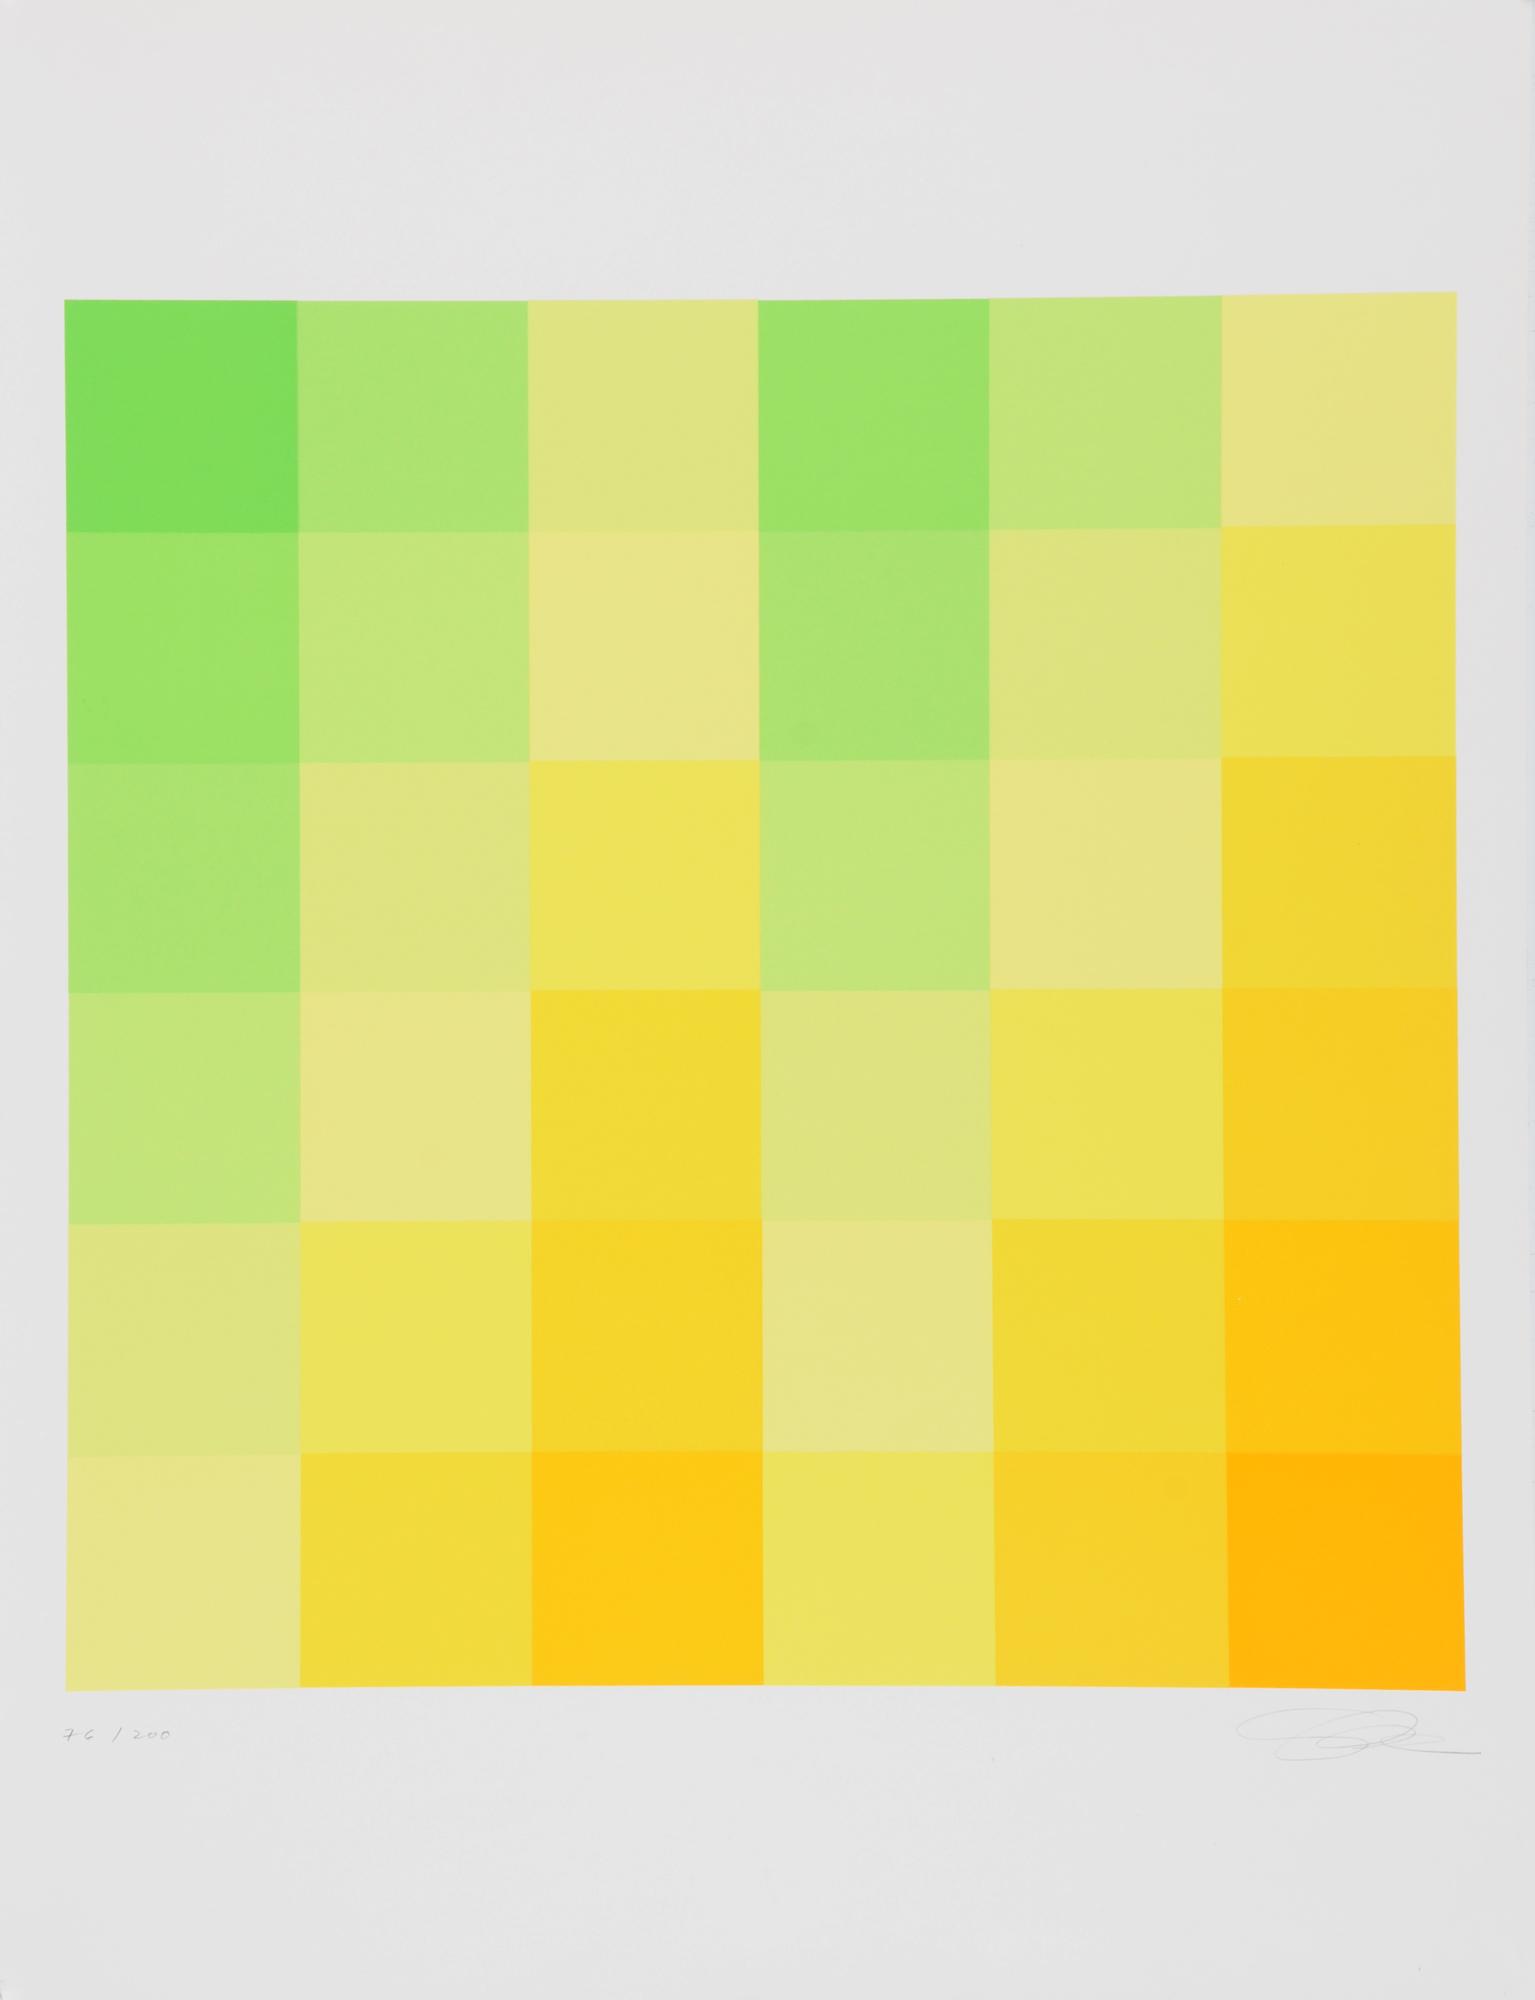 """Lohse Richard Paul, Sechs vertikale systematische Farbreihen von grün zu gelb, 1970, from """"Grafikmappe des Schweizerischen Kunstvereins"""""""